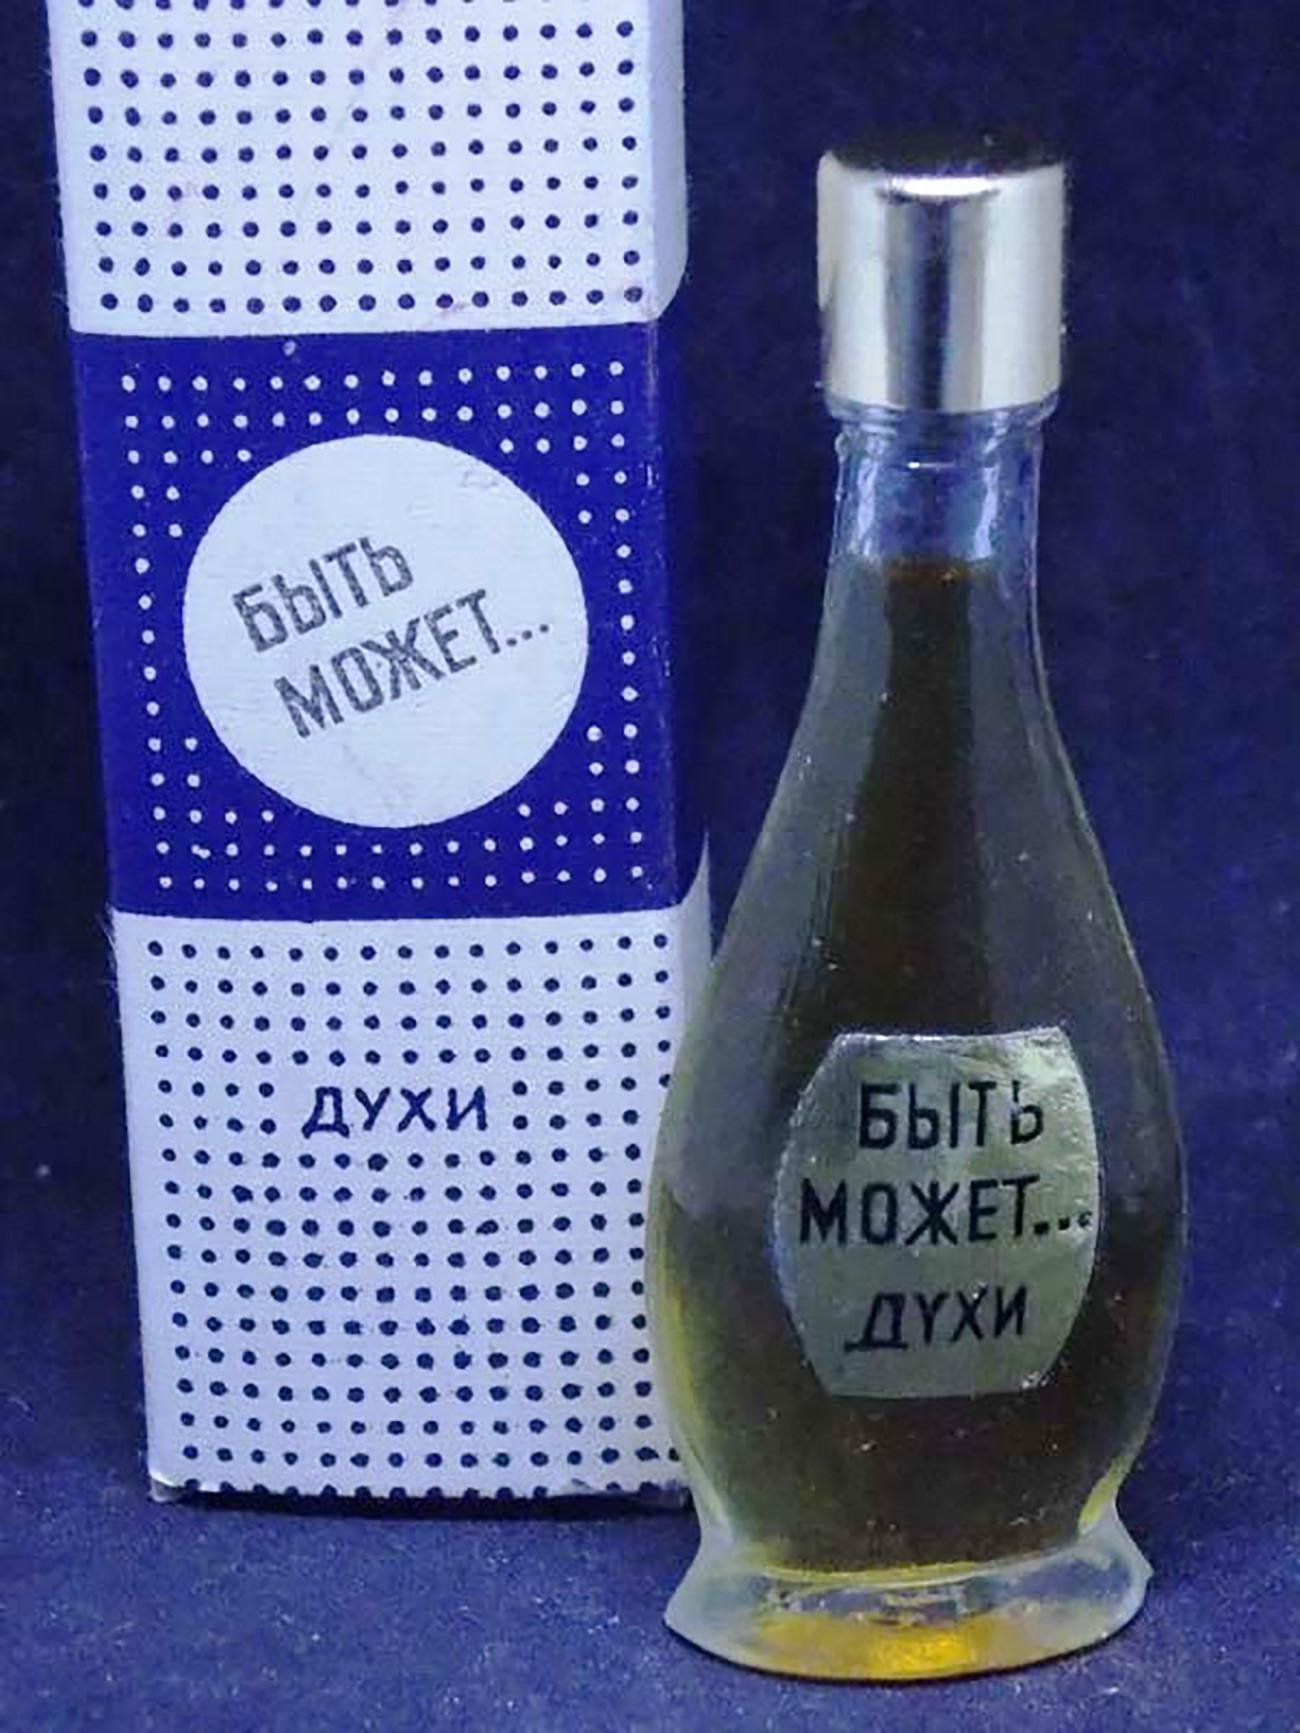 香水「ブィチ・モジェト」